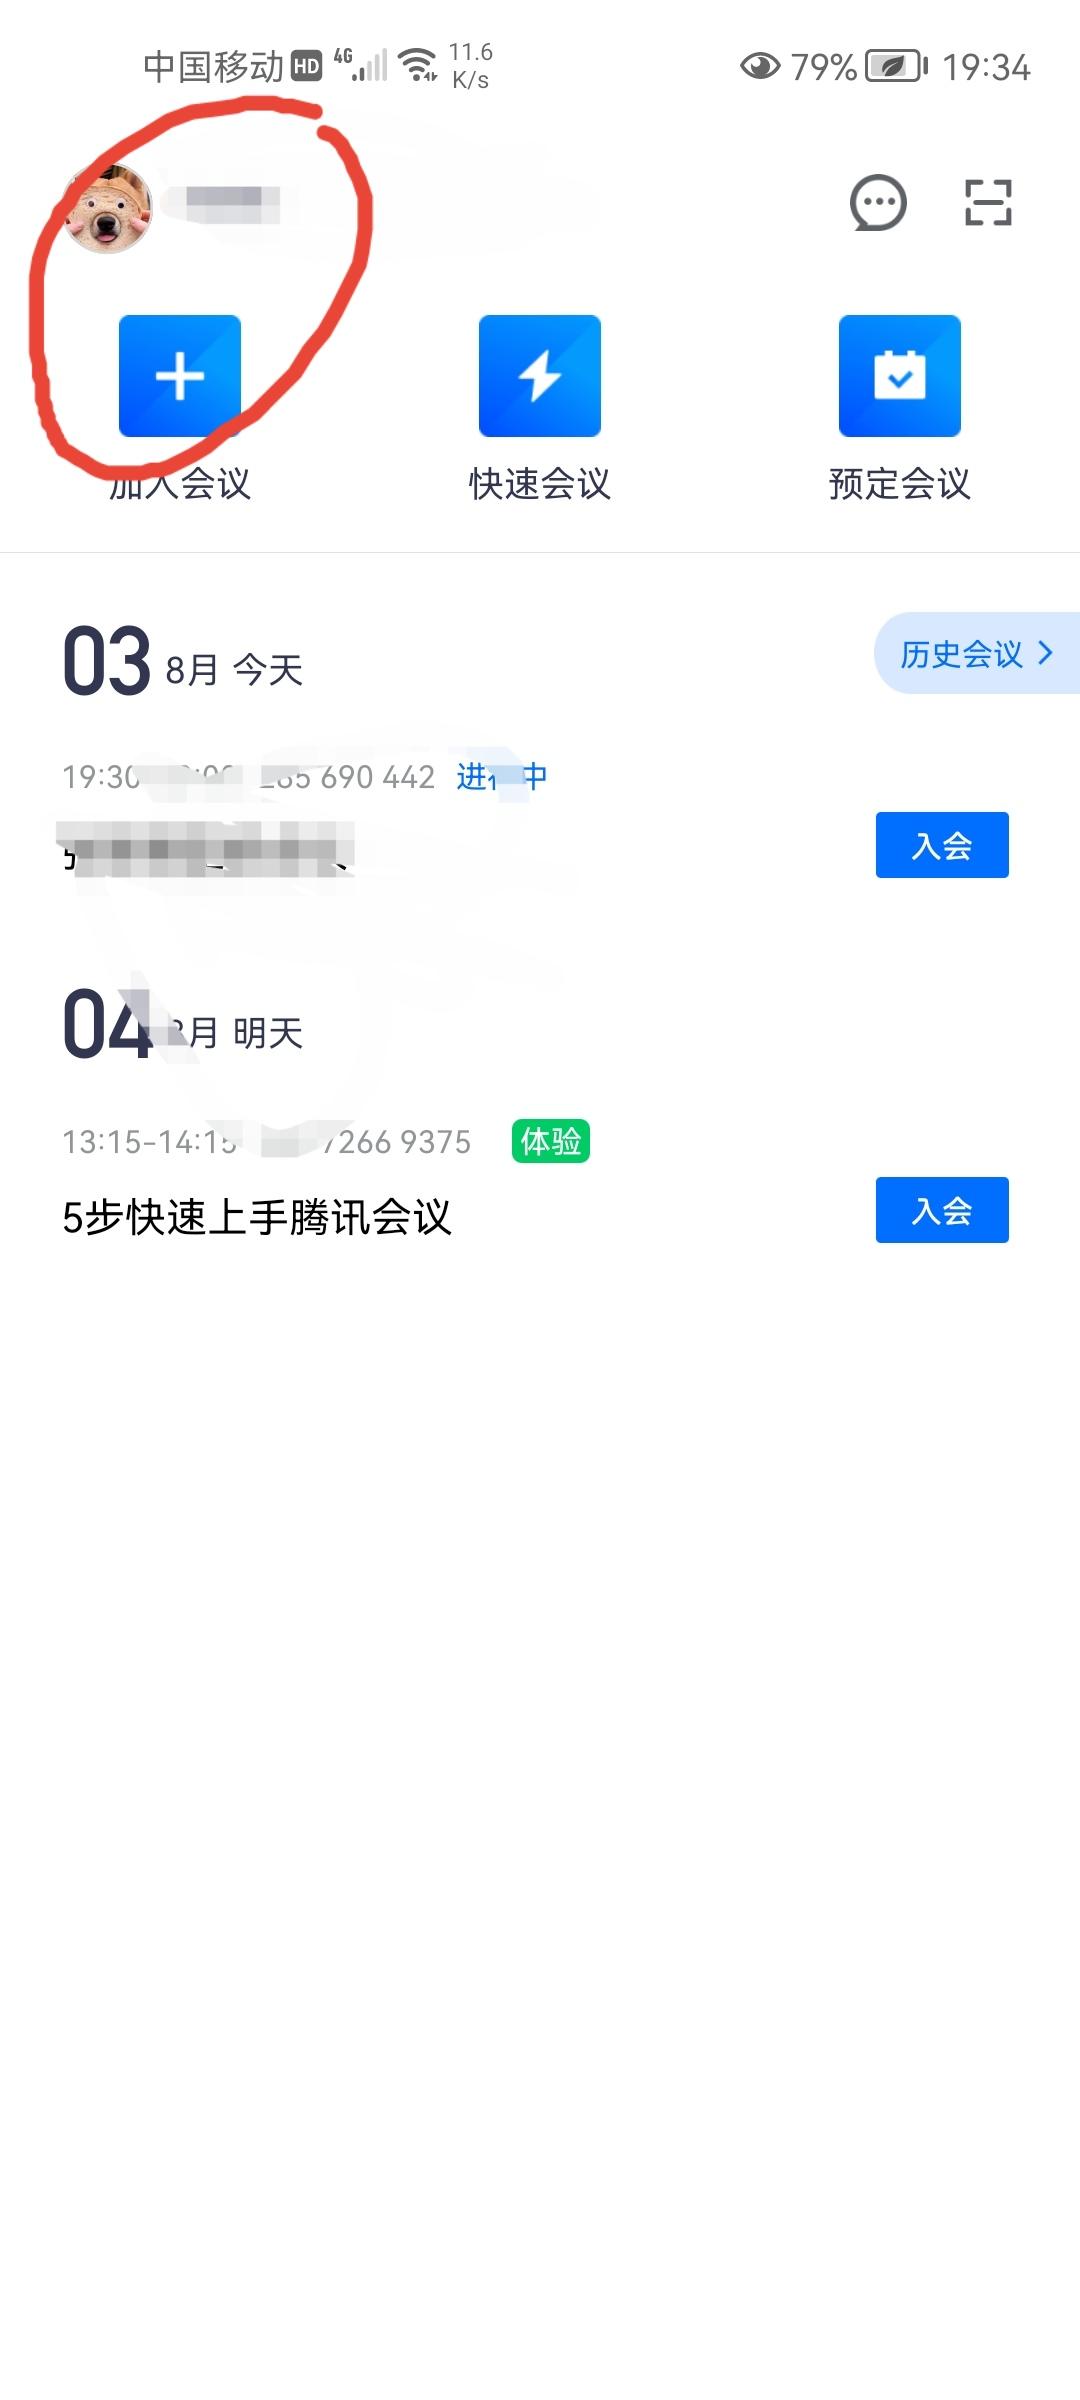 【虚拟商品】免费领取腾讯vip会员3~17天插图